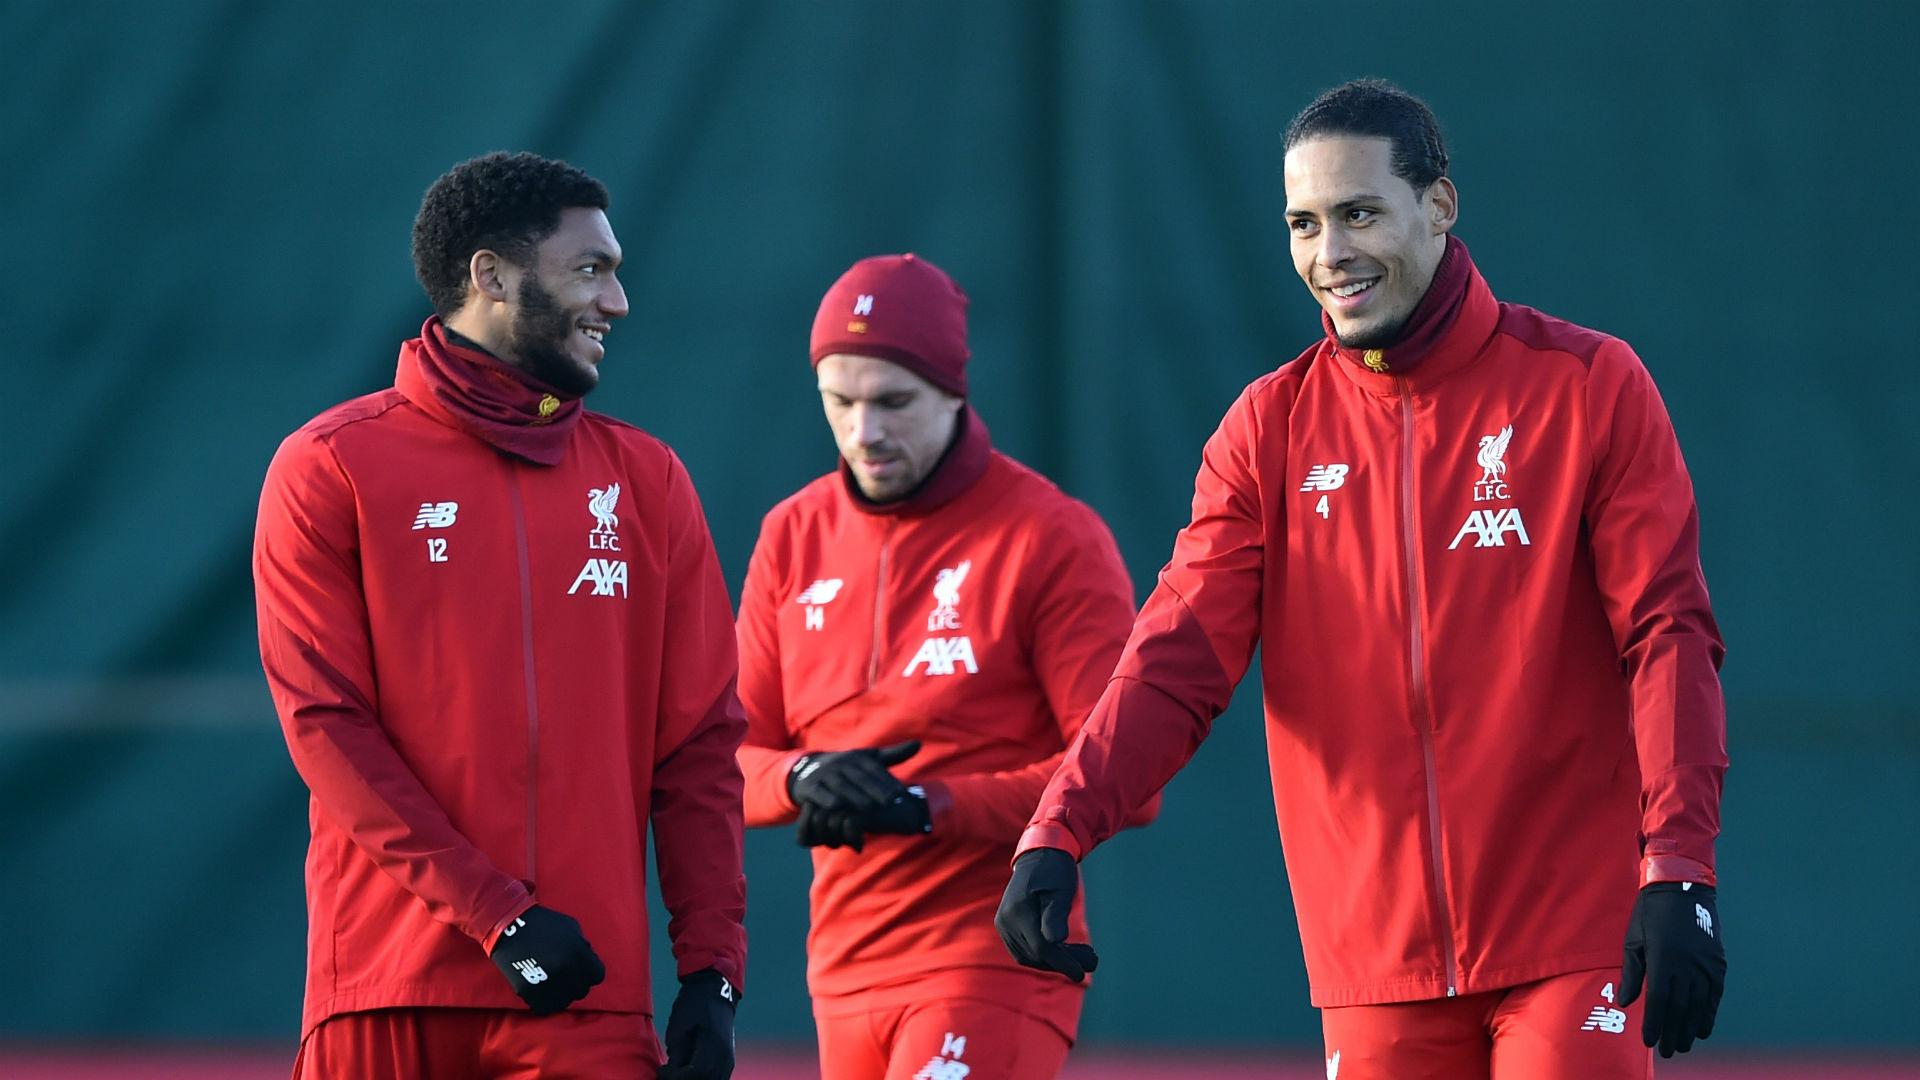 Van Dijk, Gomez unlikely to be fit for Euro 2020 – Klopp